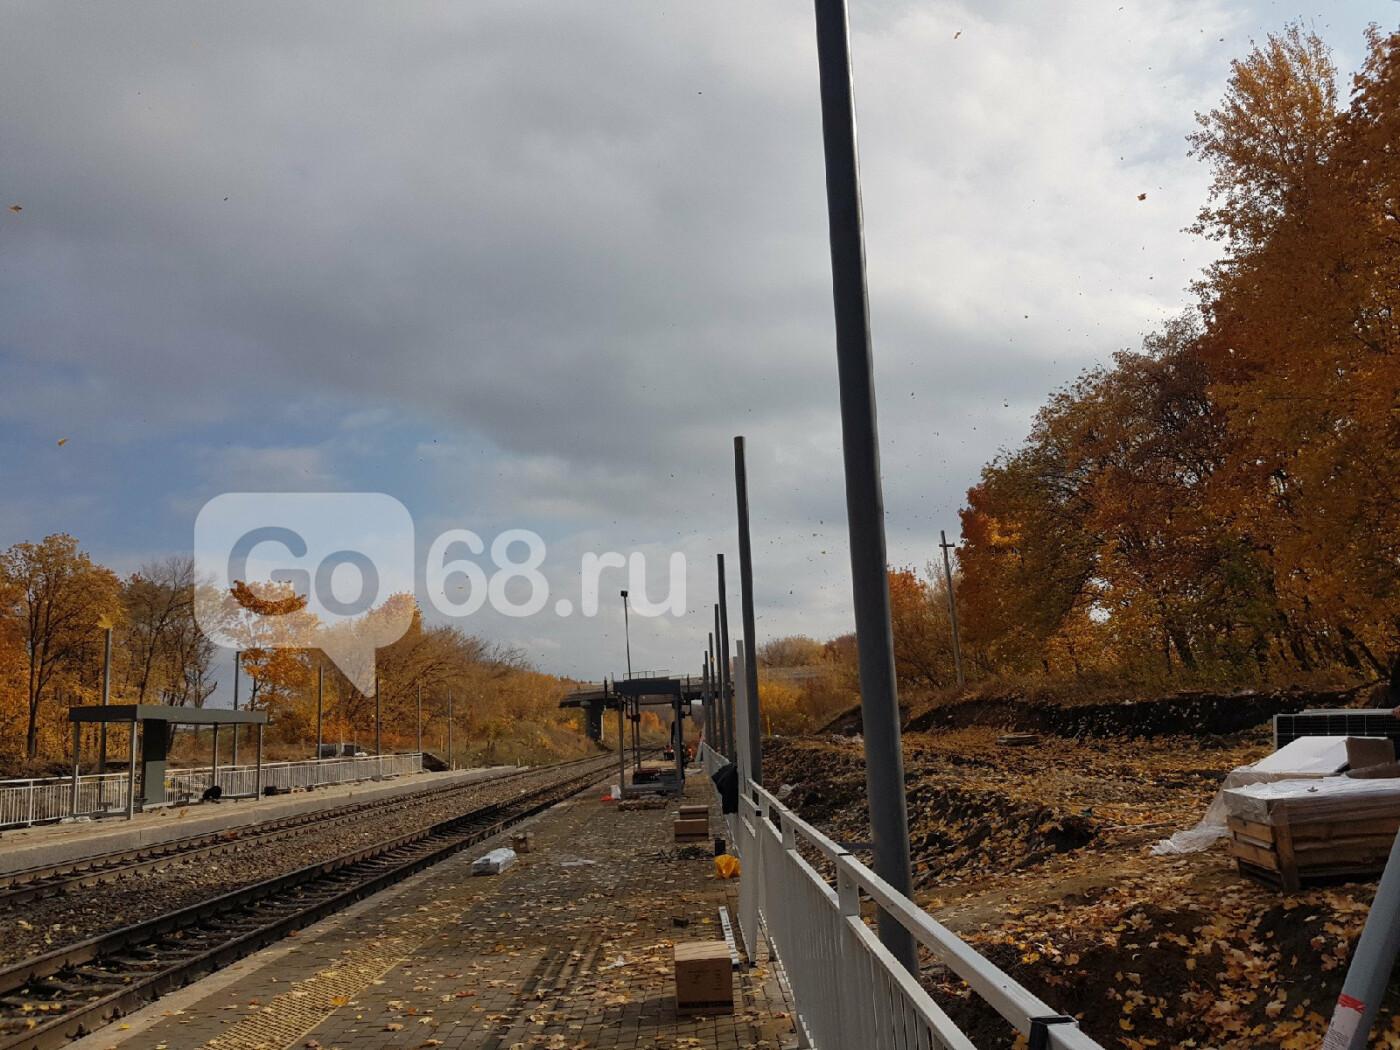 В Тамбове завершают строительство ж/д станции «Радужный», фото-5